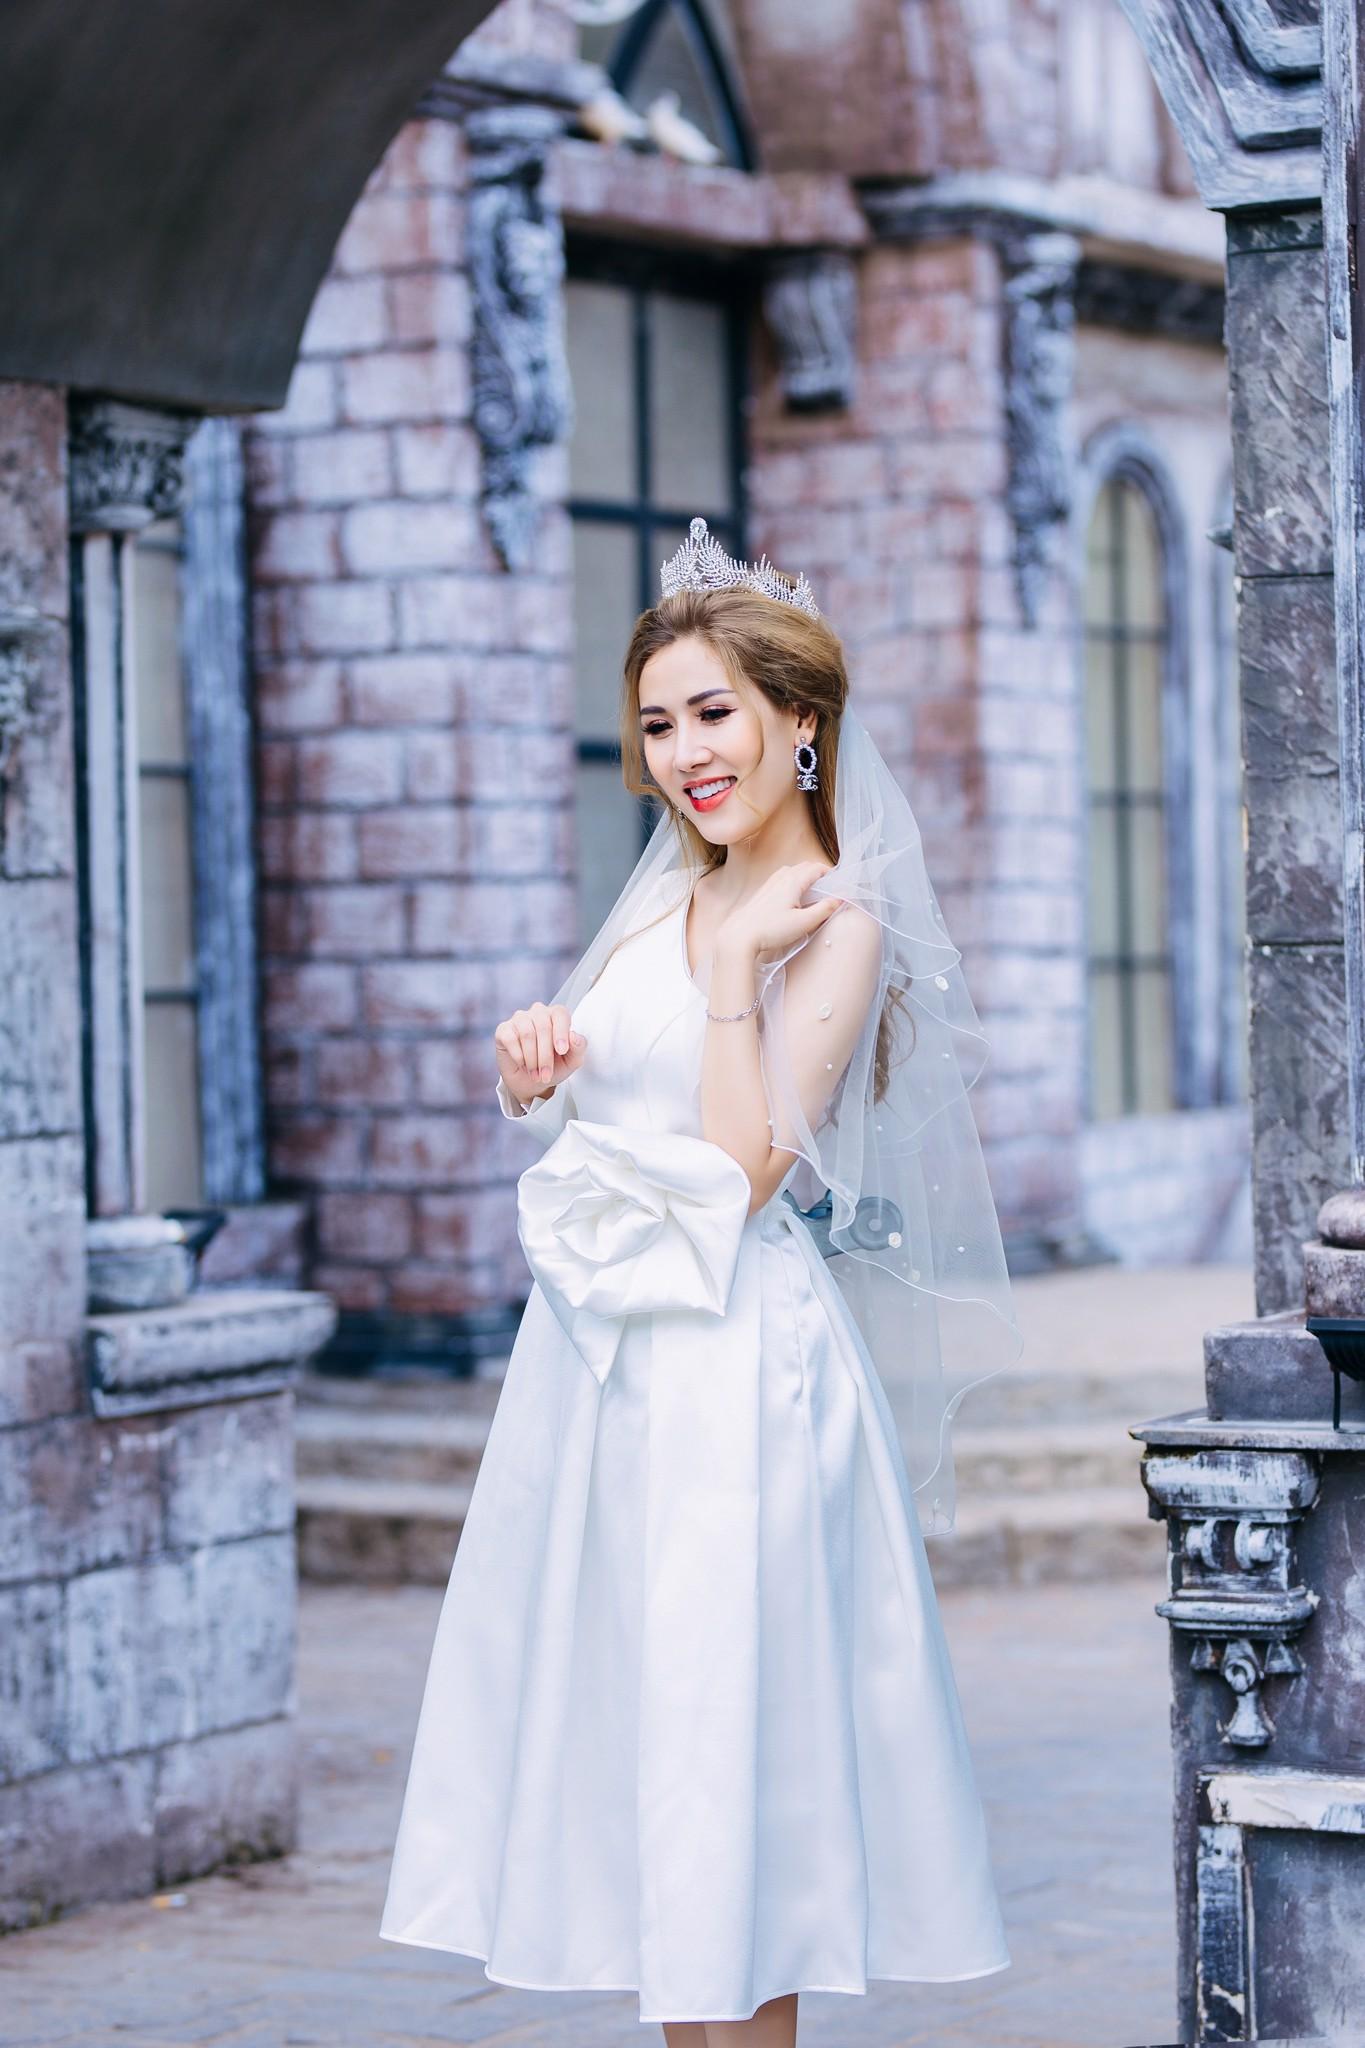 Đầm cưới Mia Selena thiết kế một tay dài hoa một bên tuyệt đẹp (Trắng)